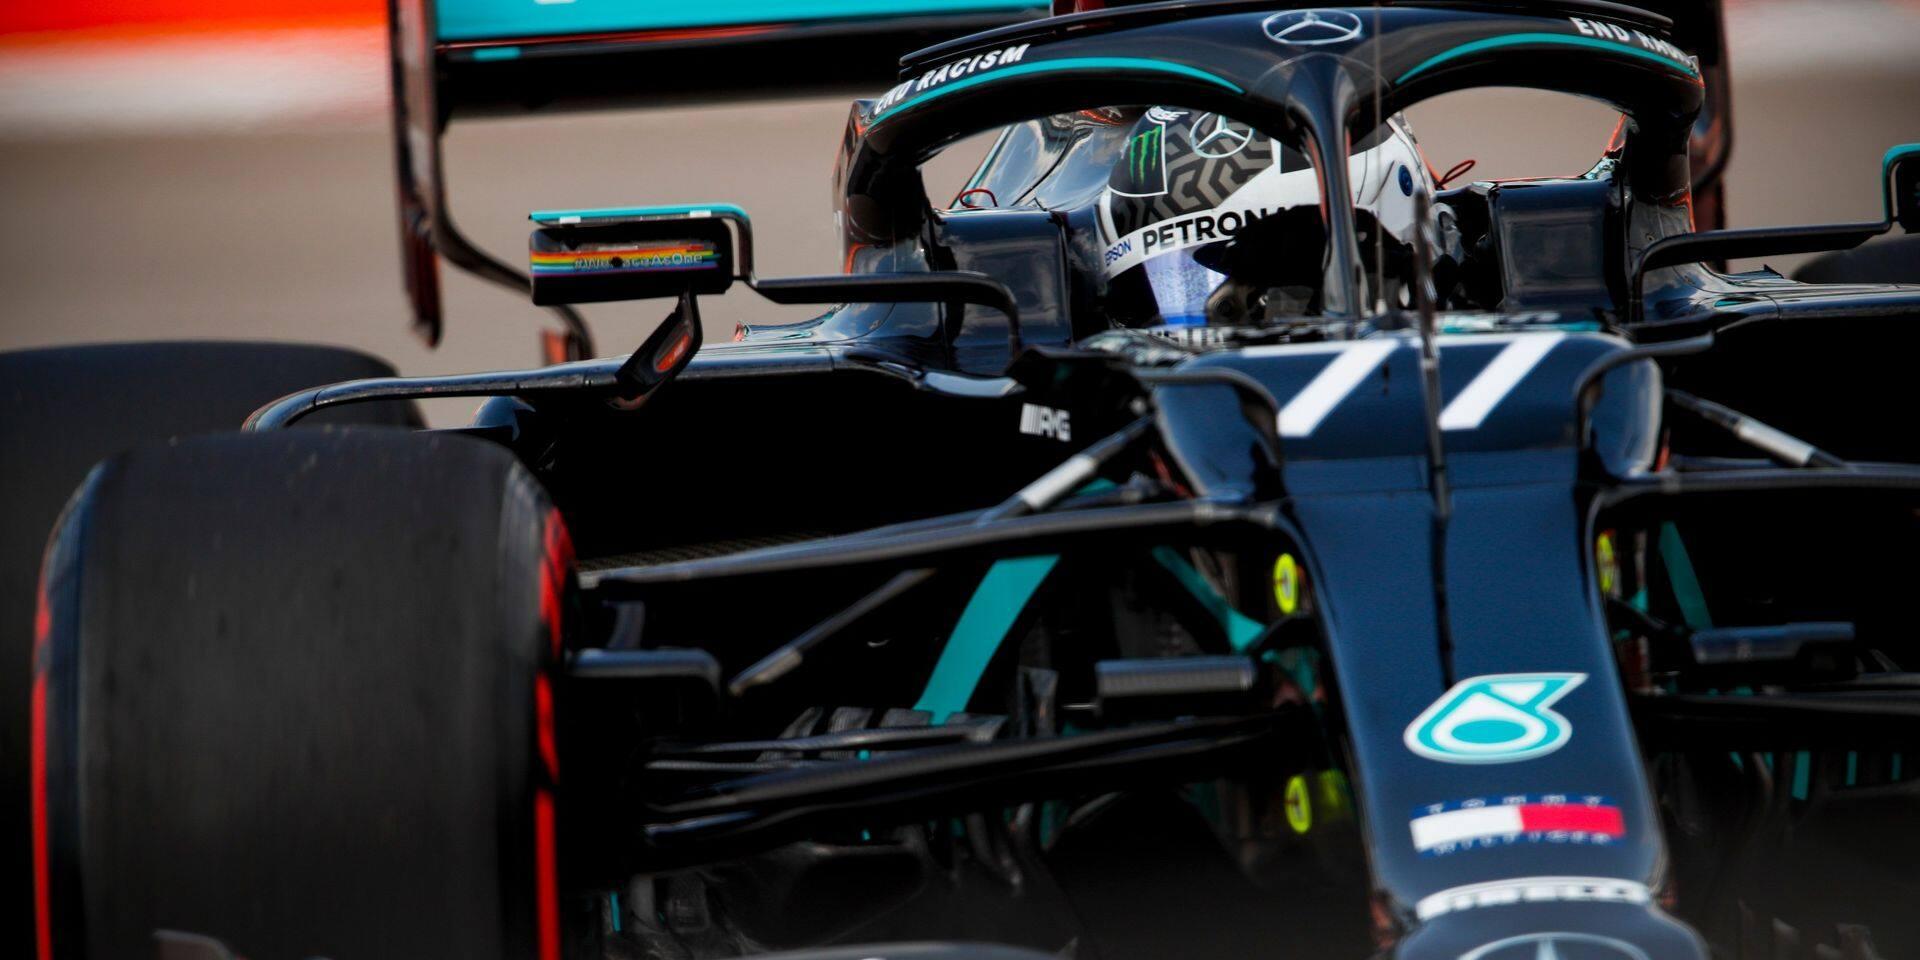 GP de Russie en F1: Bottas remporte la course devant Verstappen et Hamilton